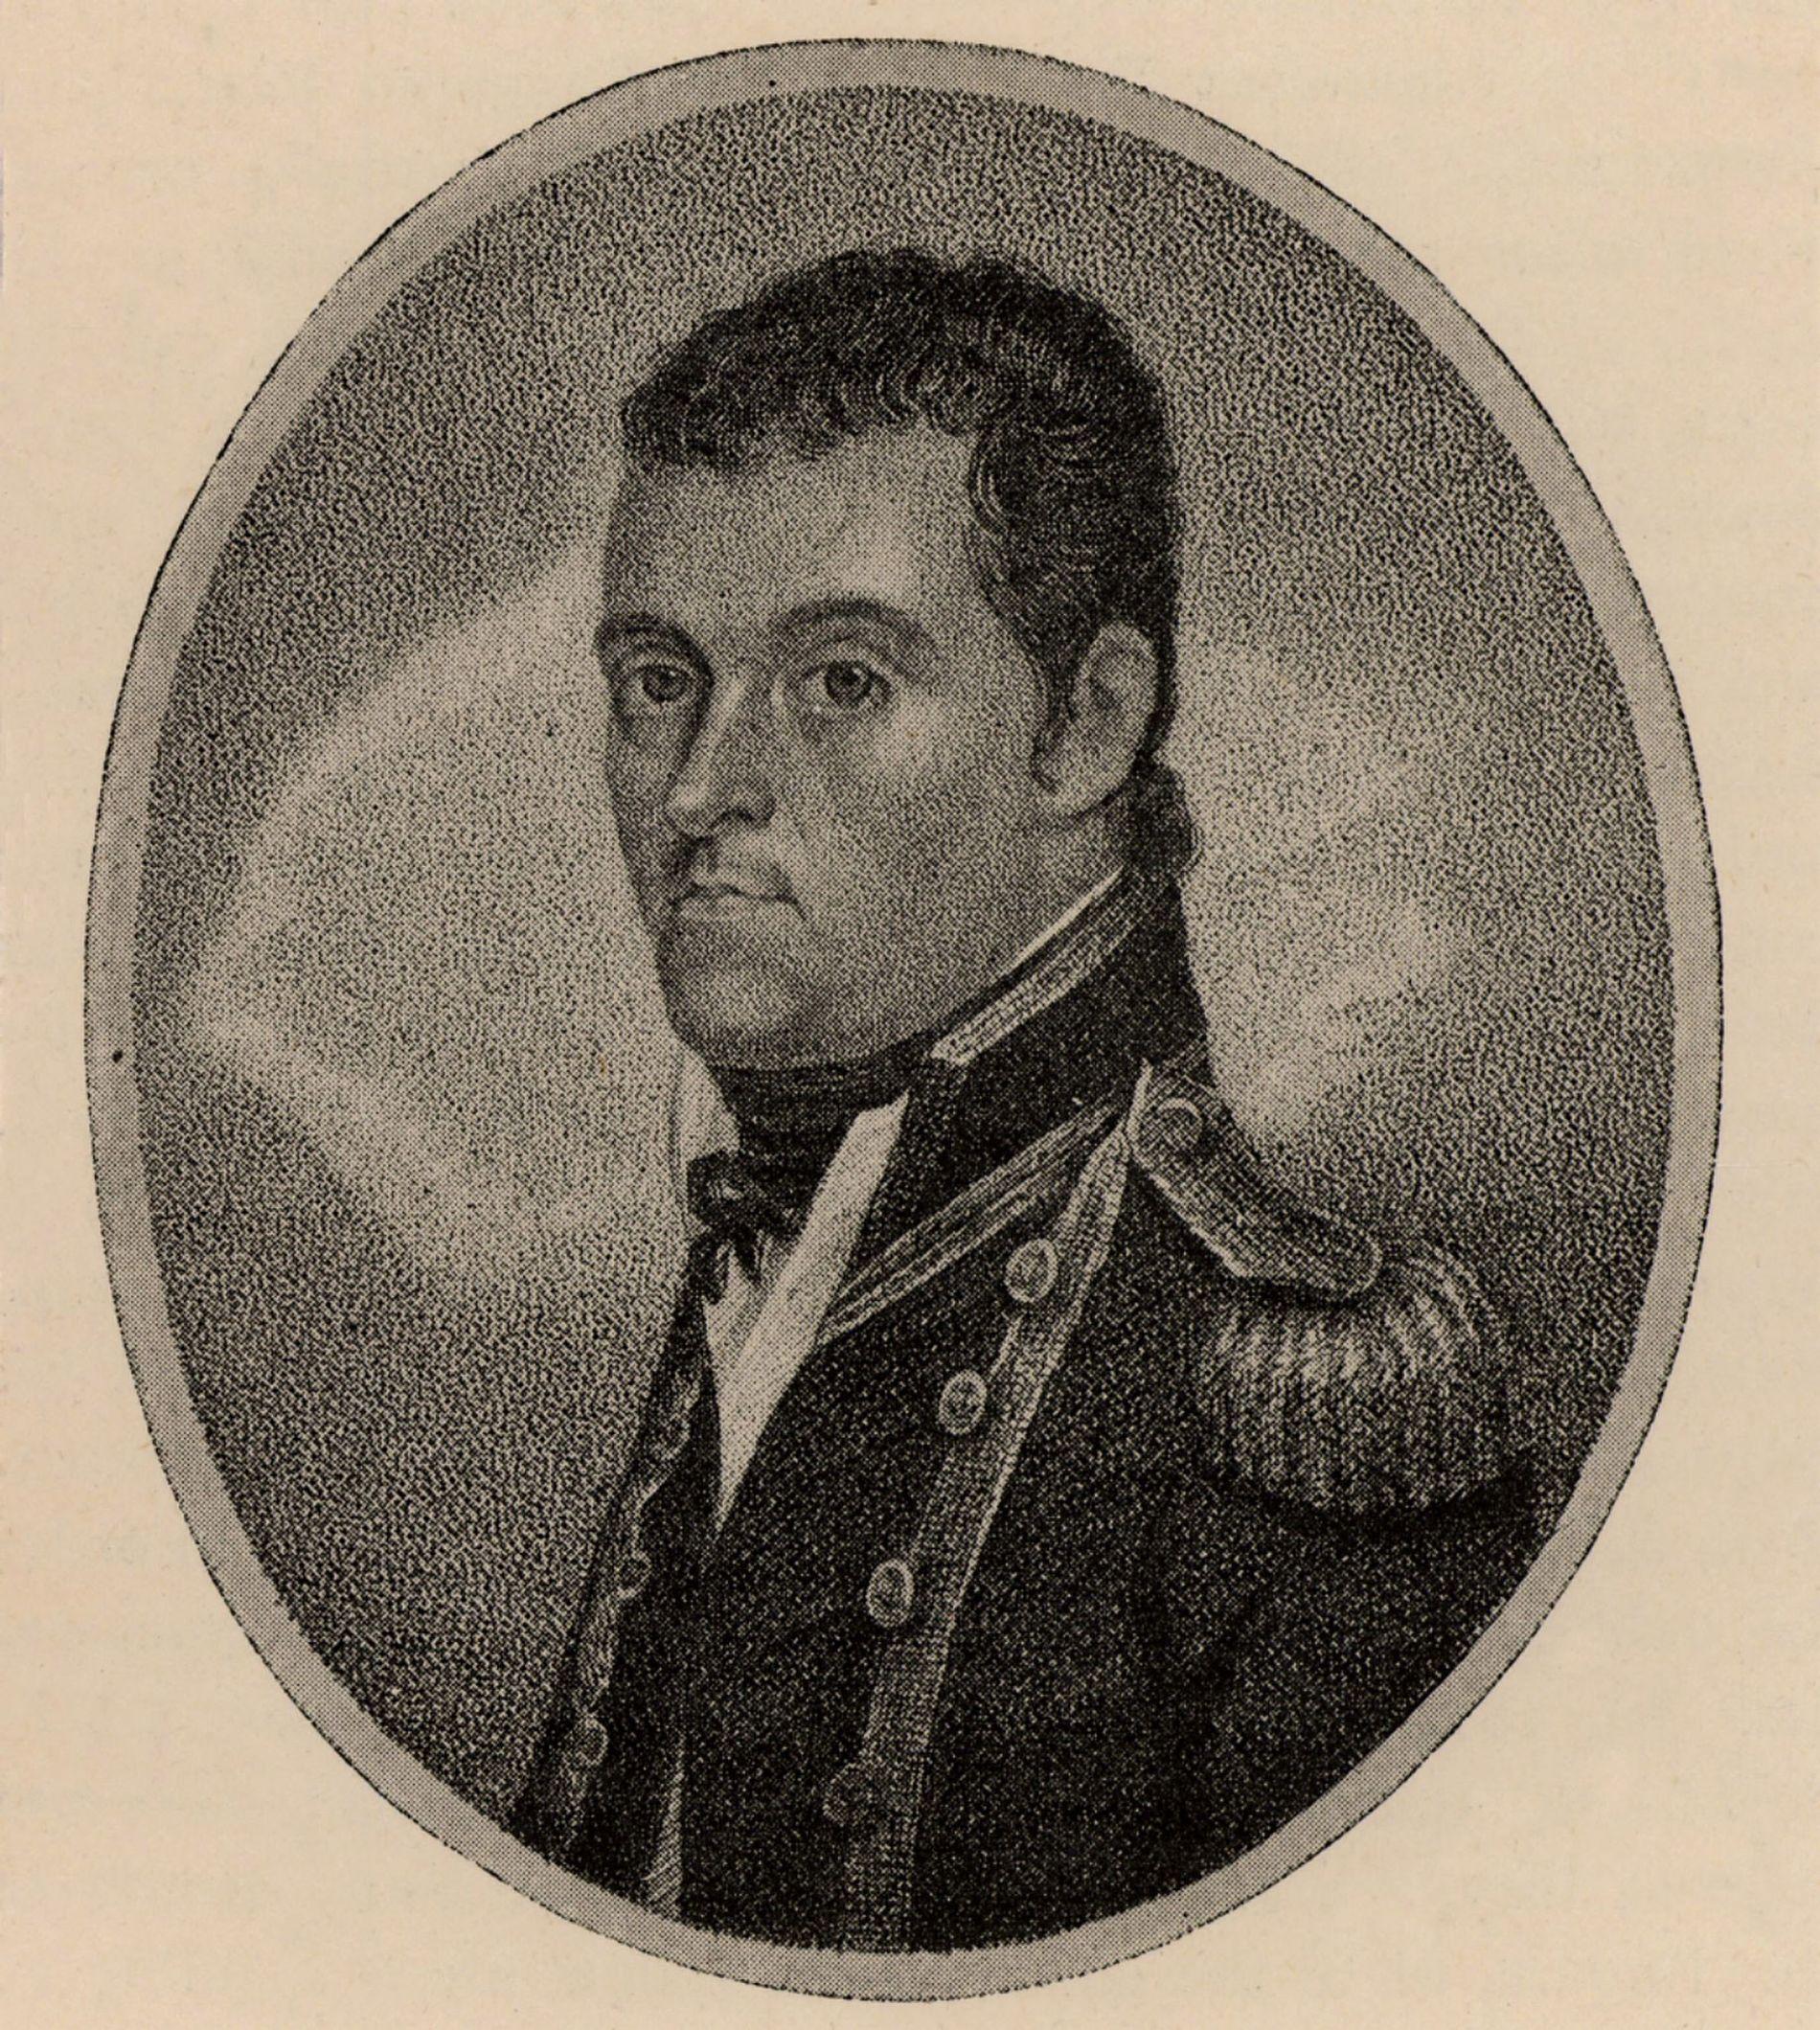 Captain Matthew Flinders leitete die erste Umsegelung Australiens und gab dem Kontinent seinen Namen.